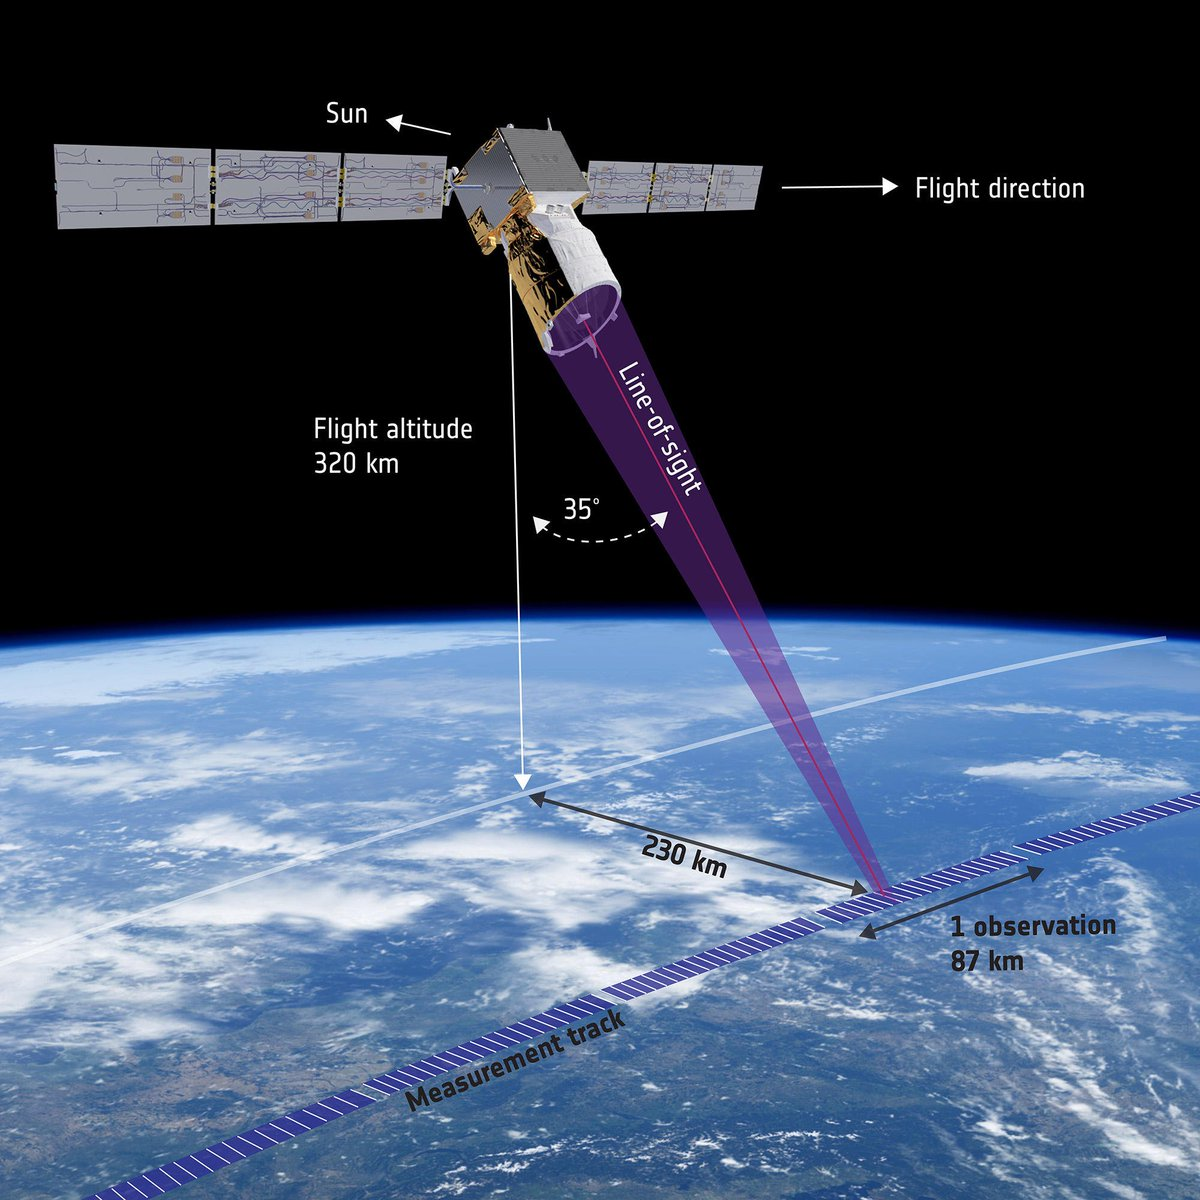 Mit #Aeolus werden wir bald den Wind messen können. Vom Weltraum aus. 💨🌍🛰  https://t.co/7PMKSKYrJH